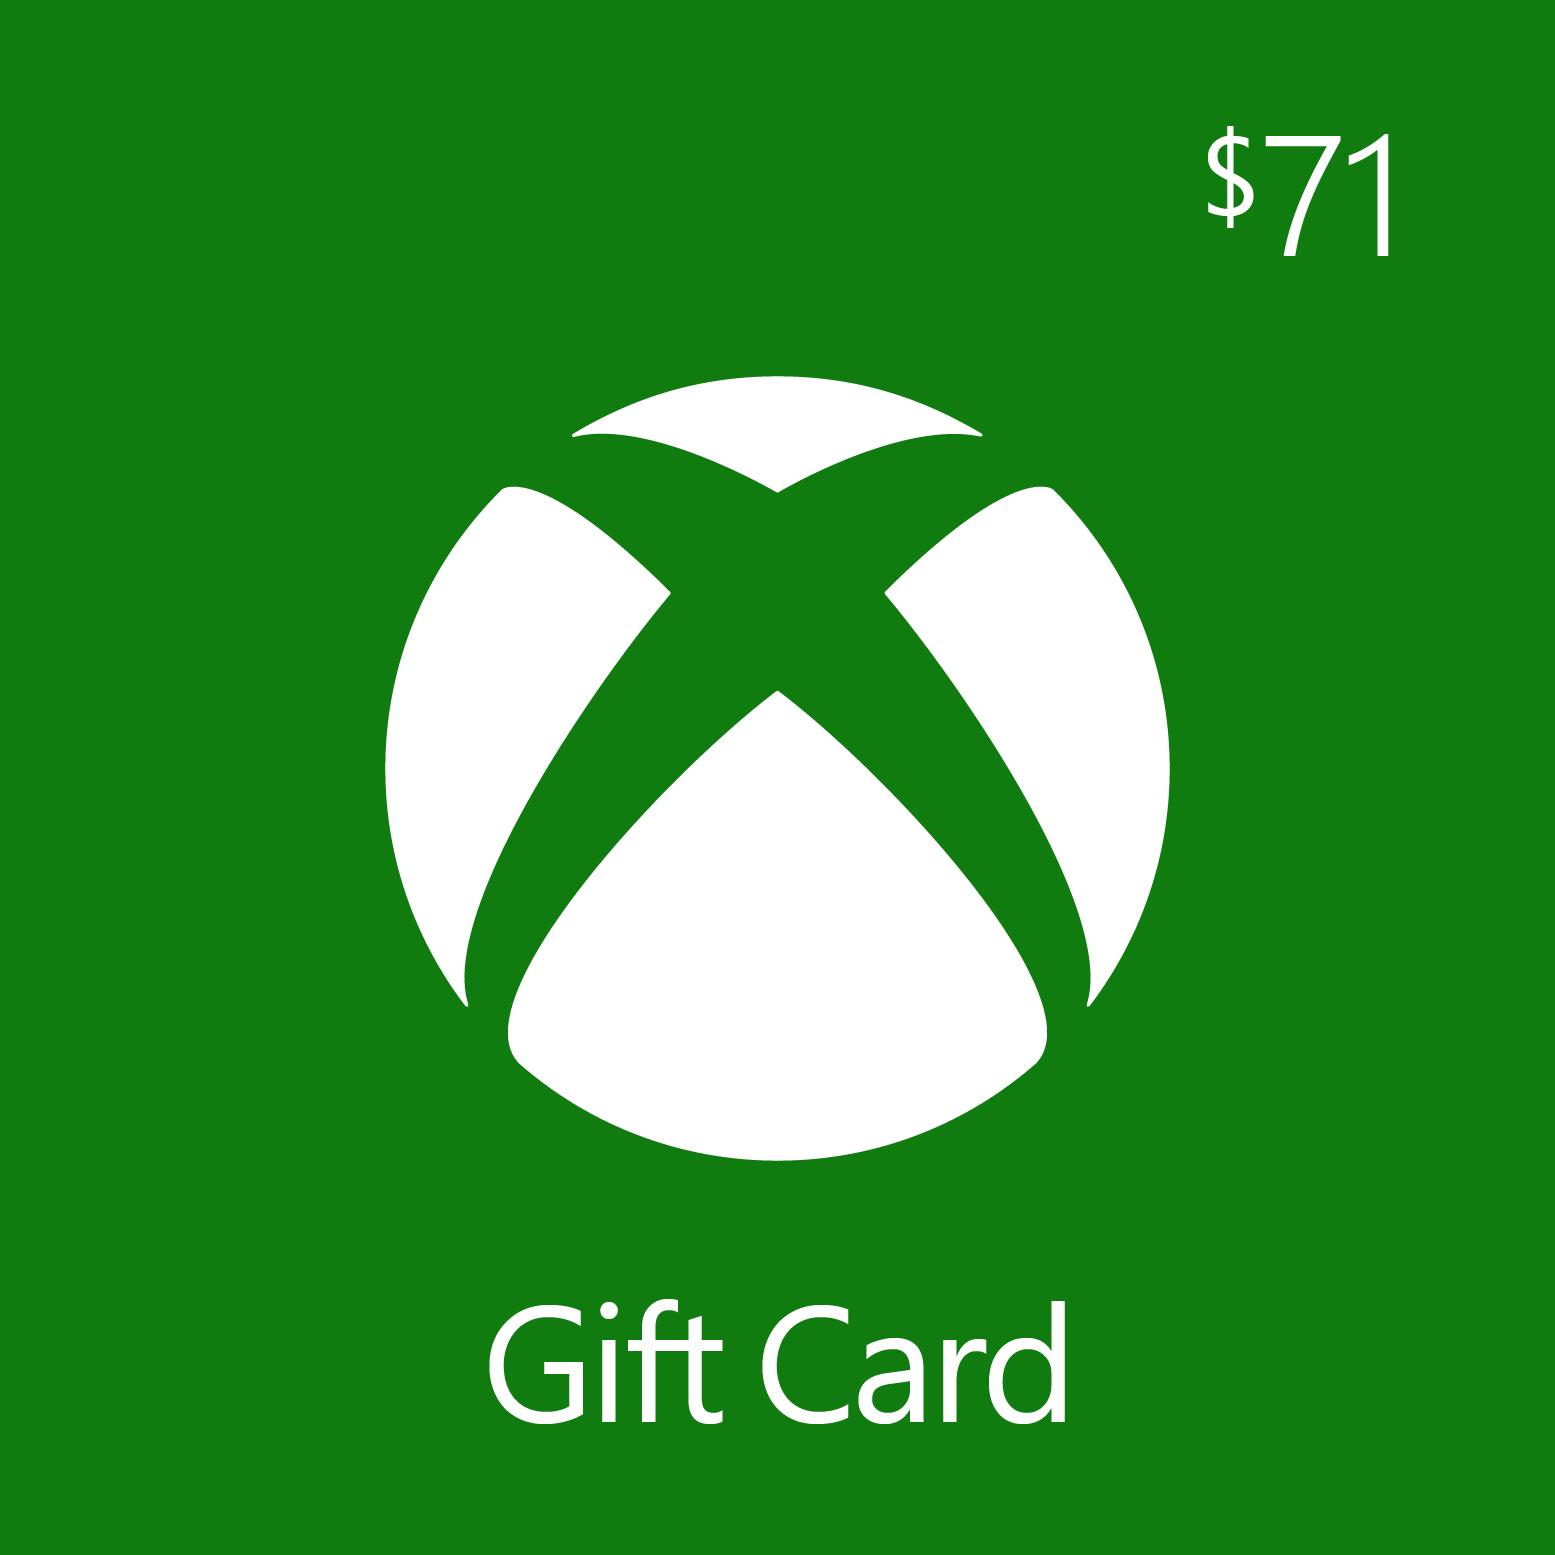 $71.00 Xbox Digital Gift Card